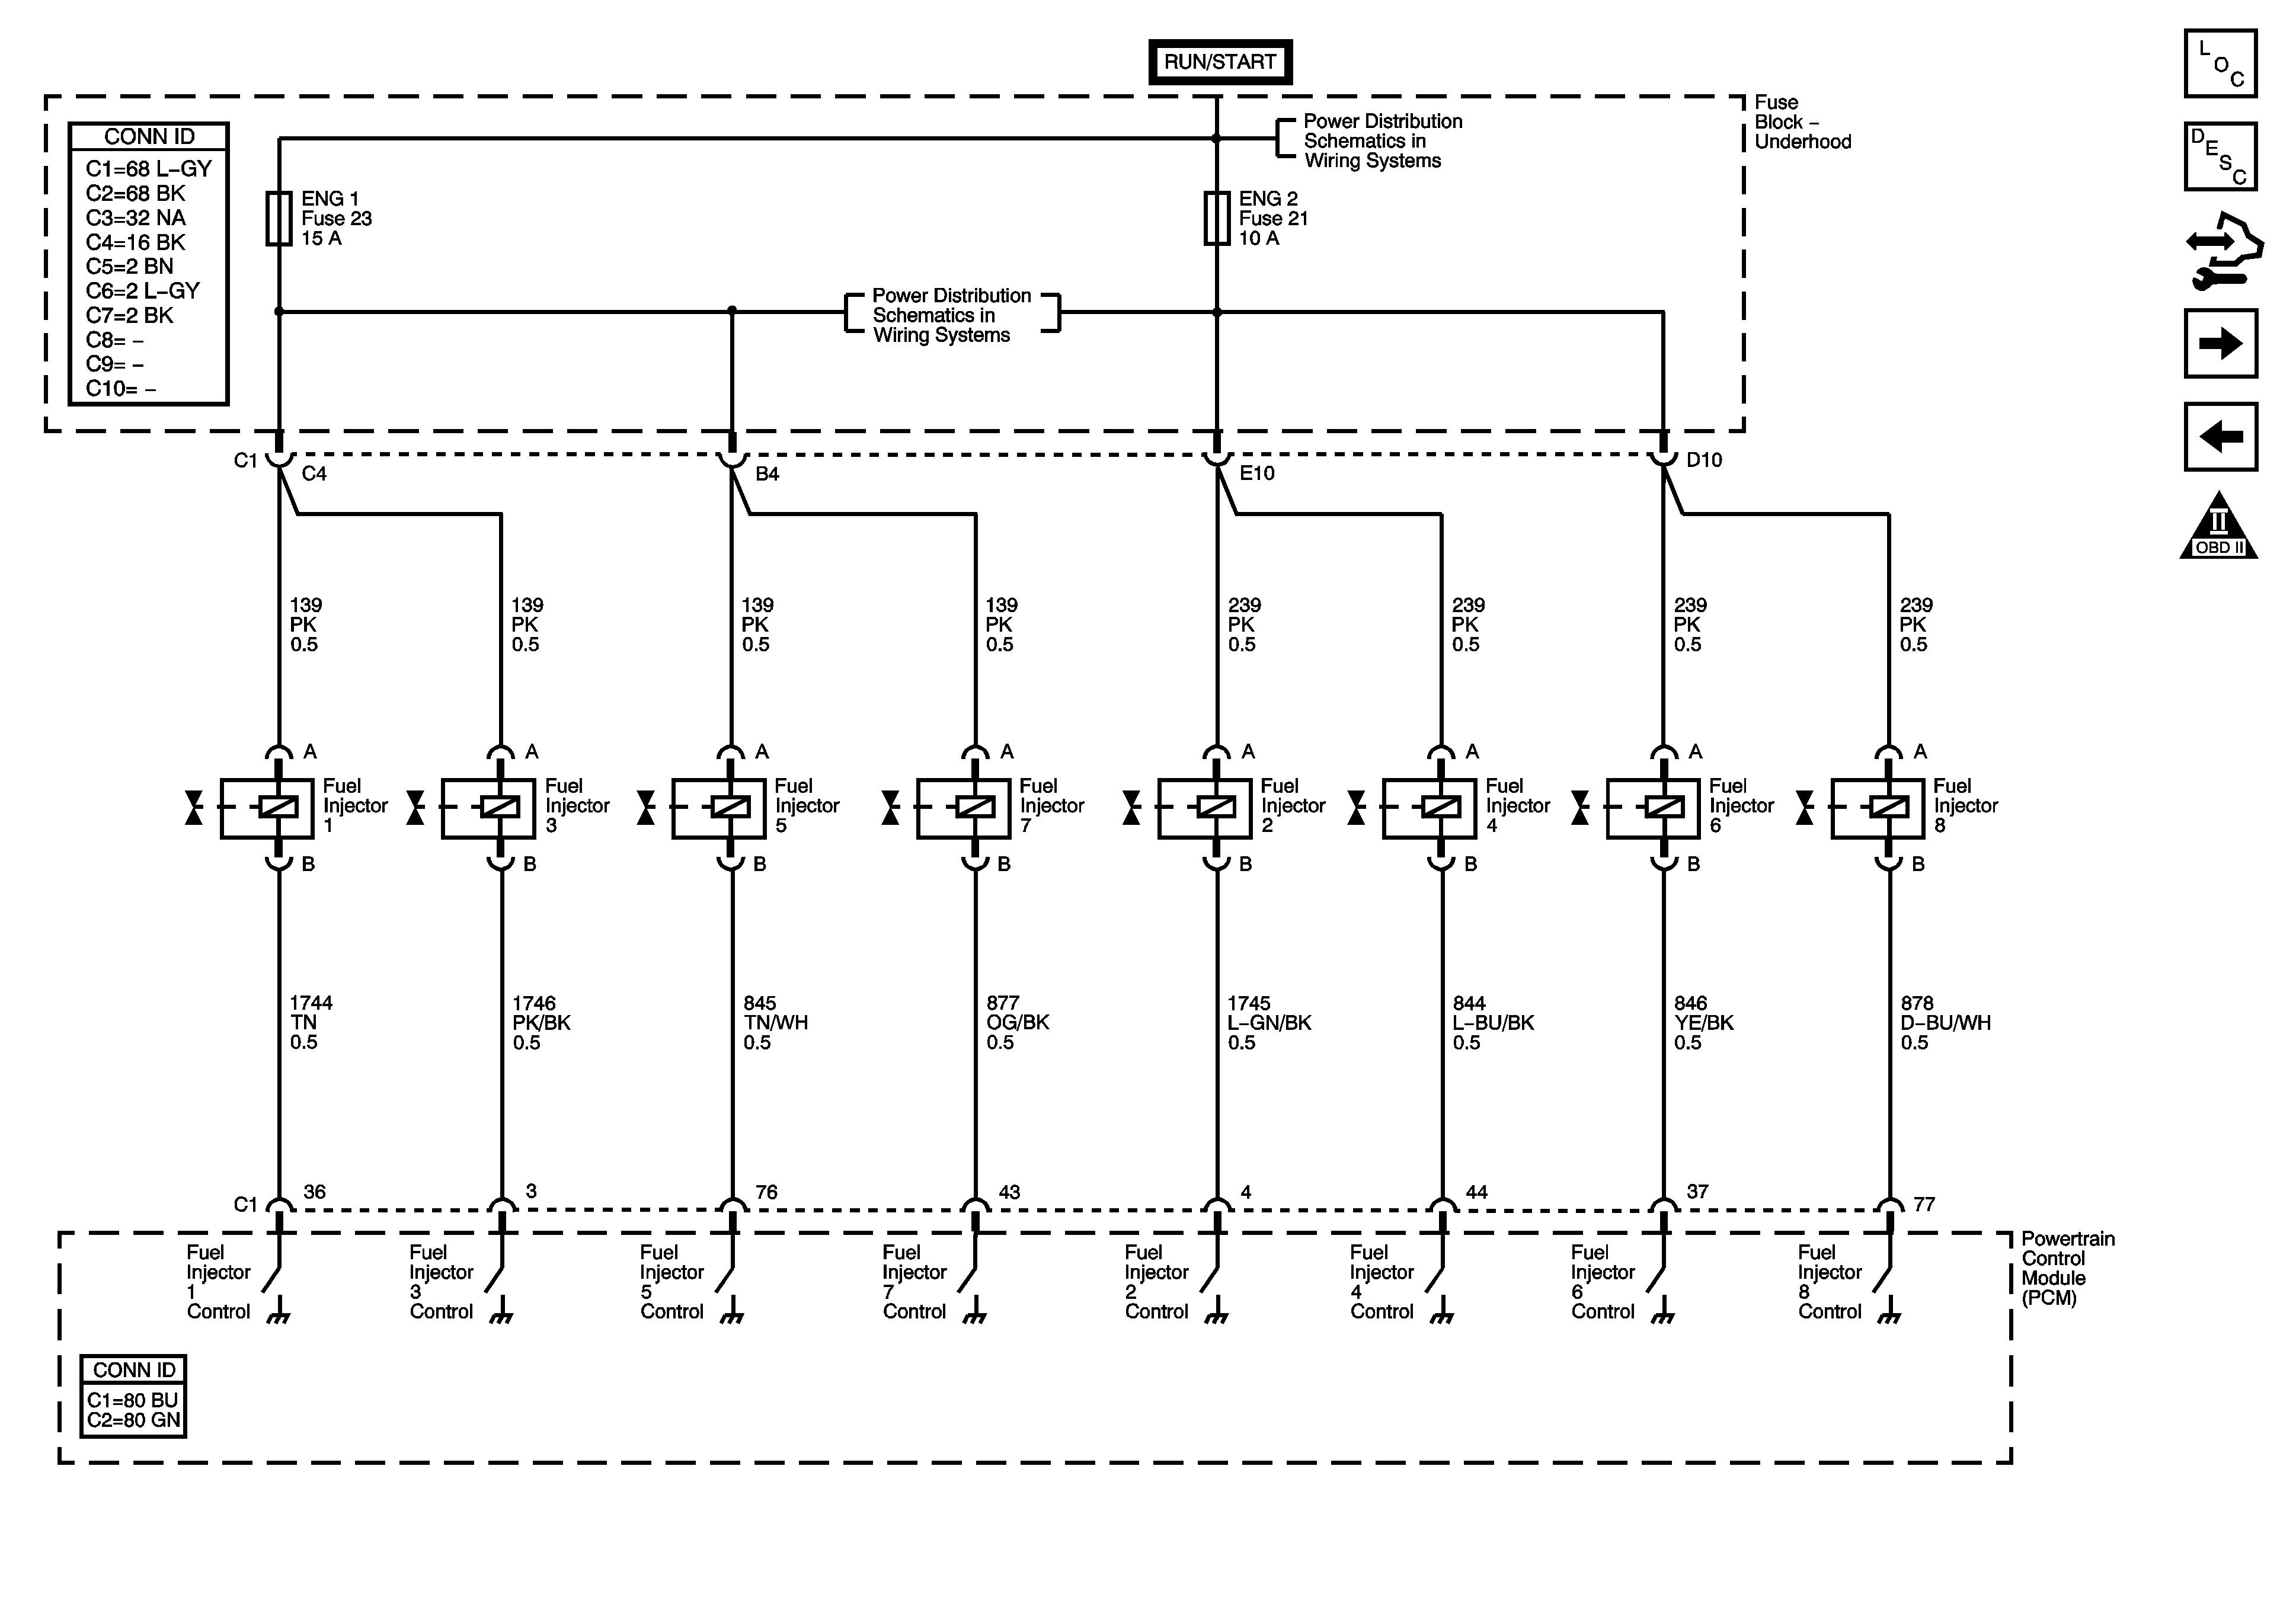 4e9919db-cf51-4b91-855f-fa901ffd55d3_injector.png